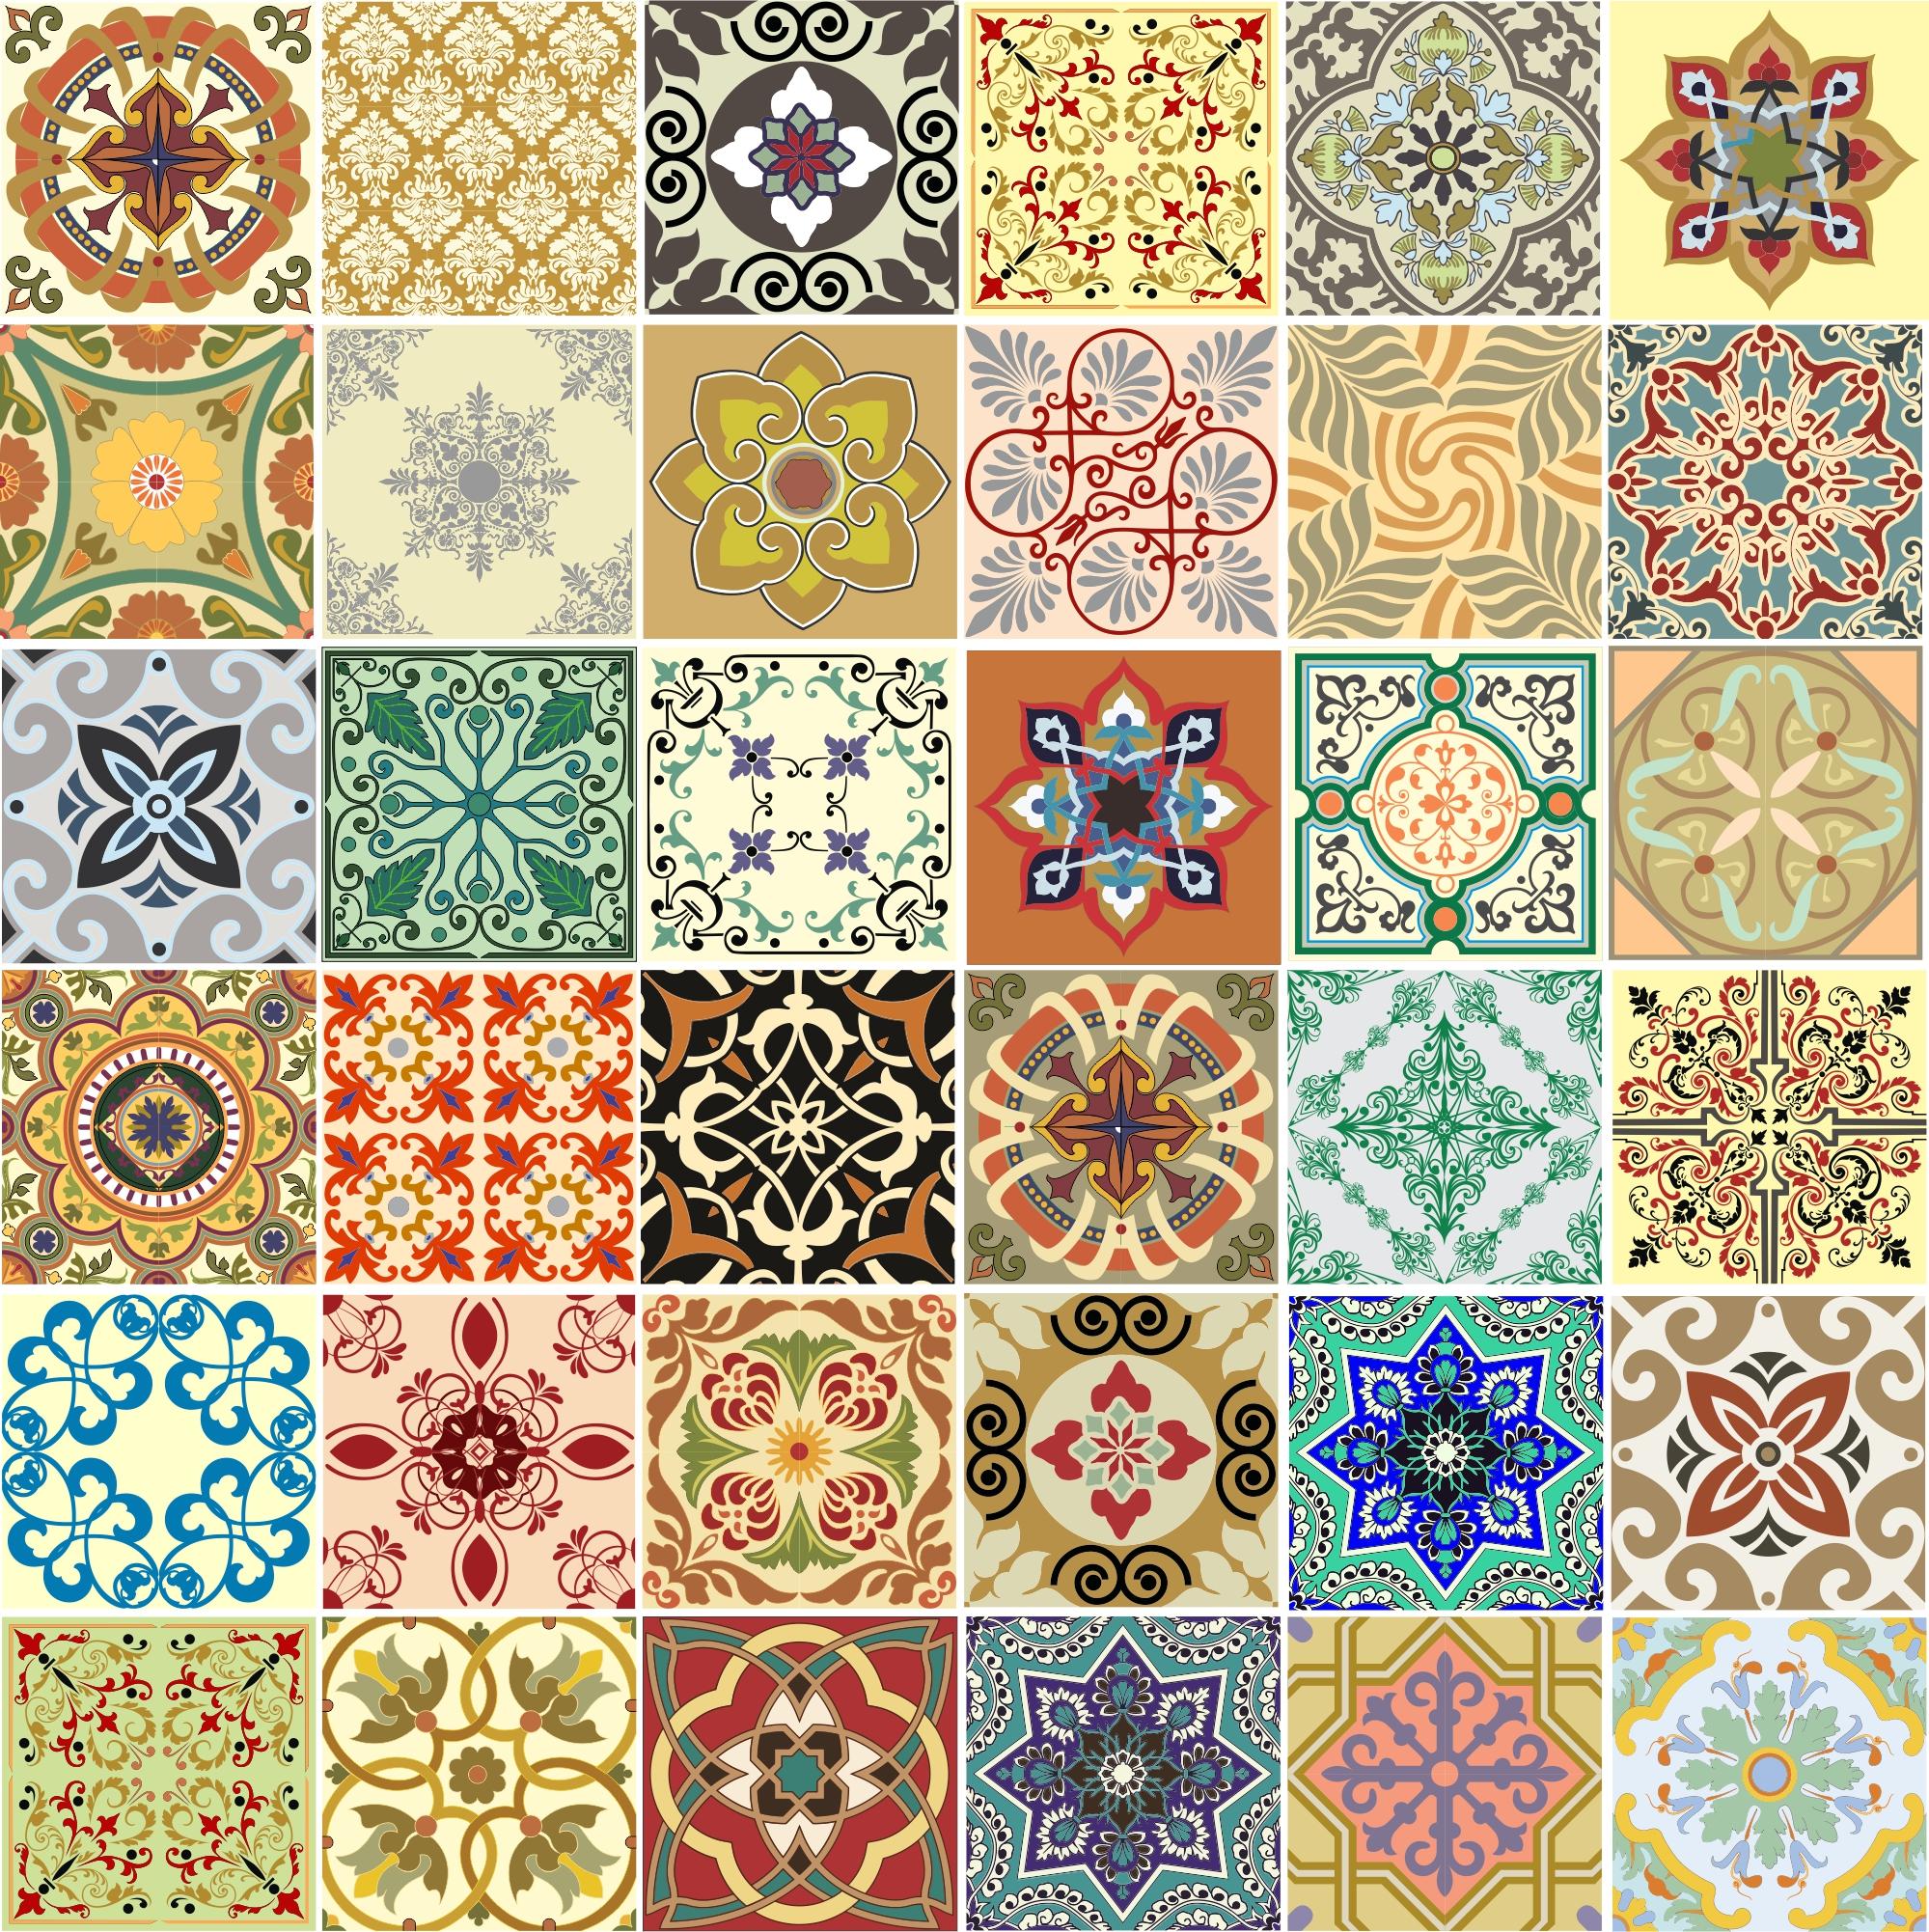 azulejos ladrilho portugues 3 unidades adesivo azulejos #A83223 1999x2002 Banheiro Com Azulejo Antigo